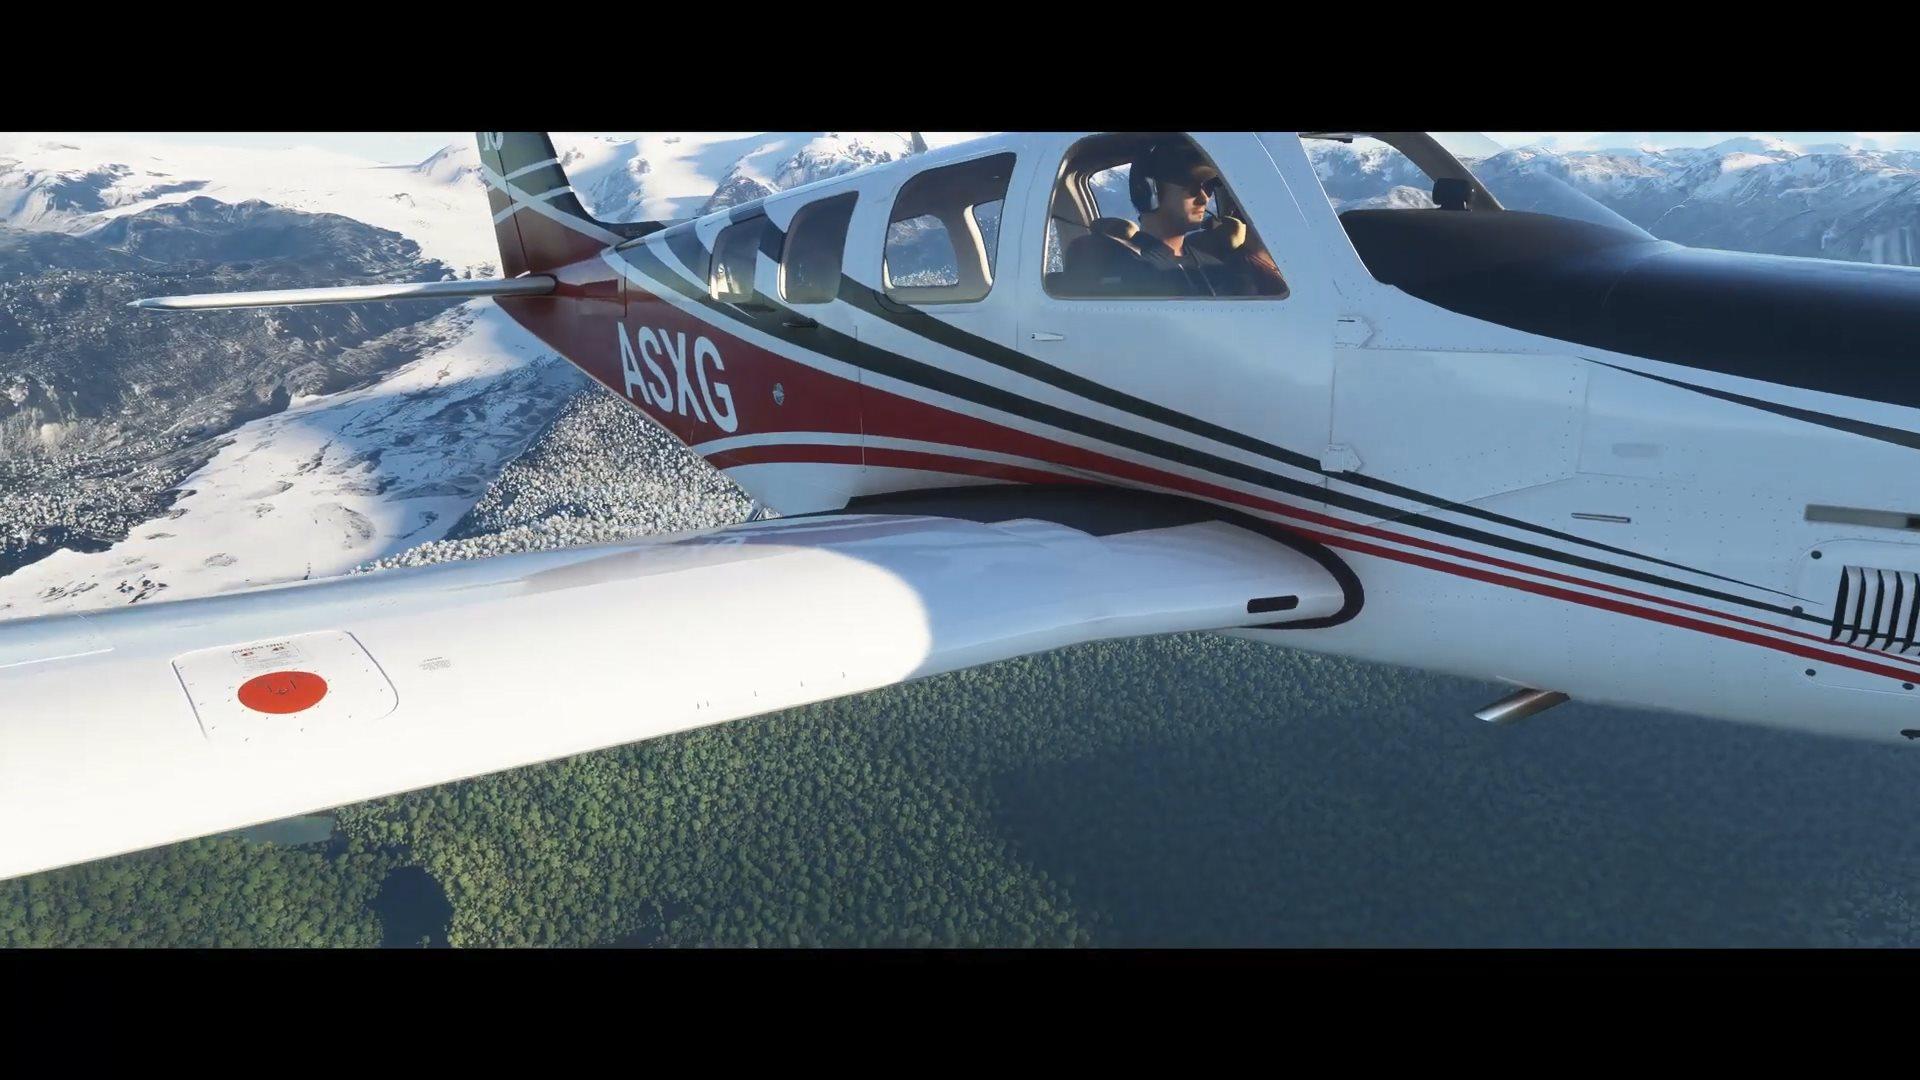 《微软飞行模拟》加入冰雪天气效果 与现实世界保持一致